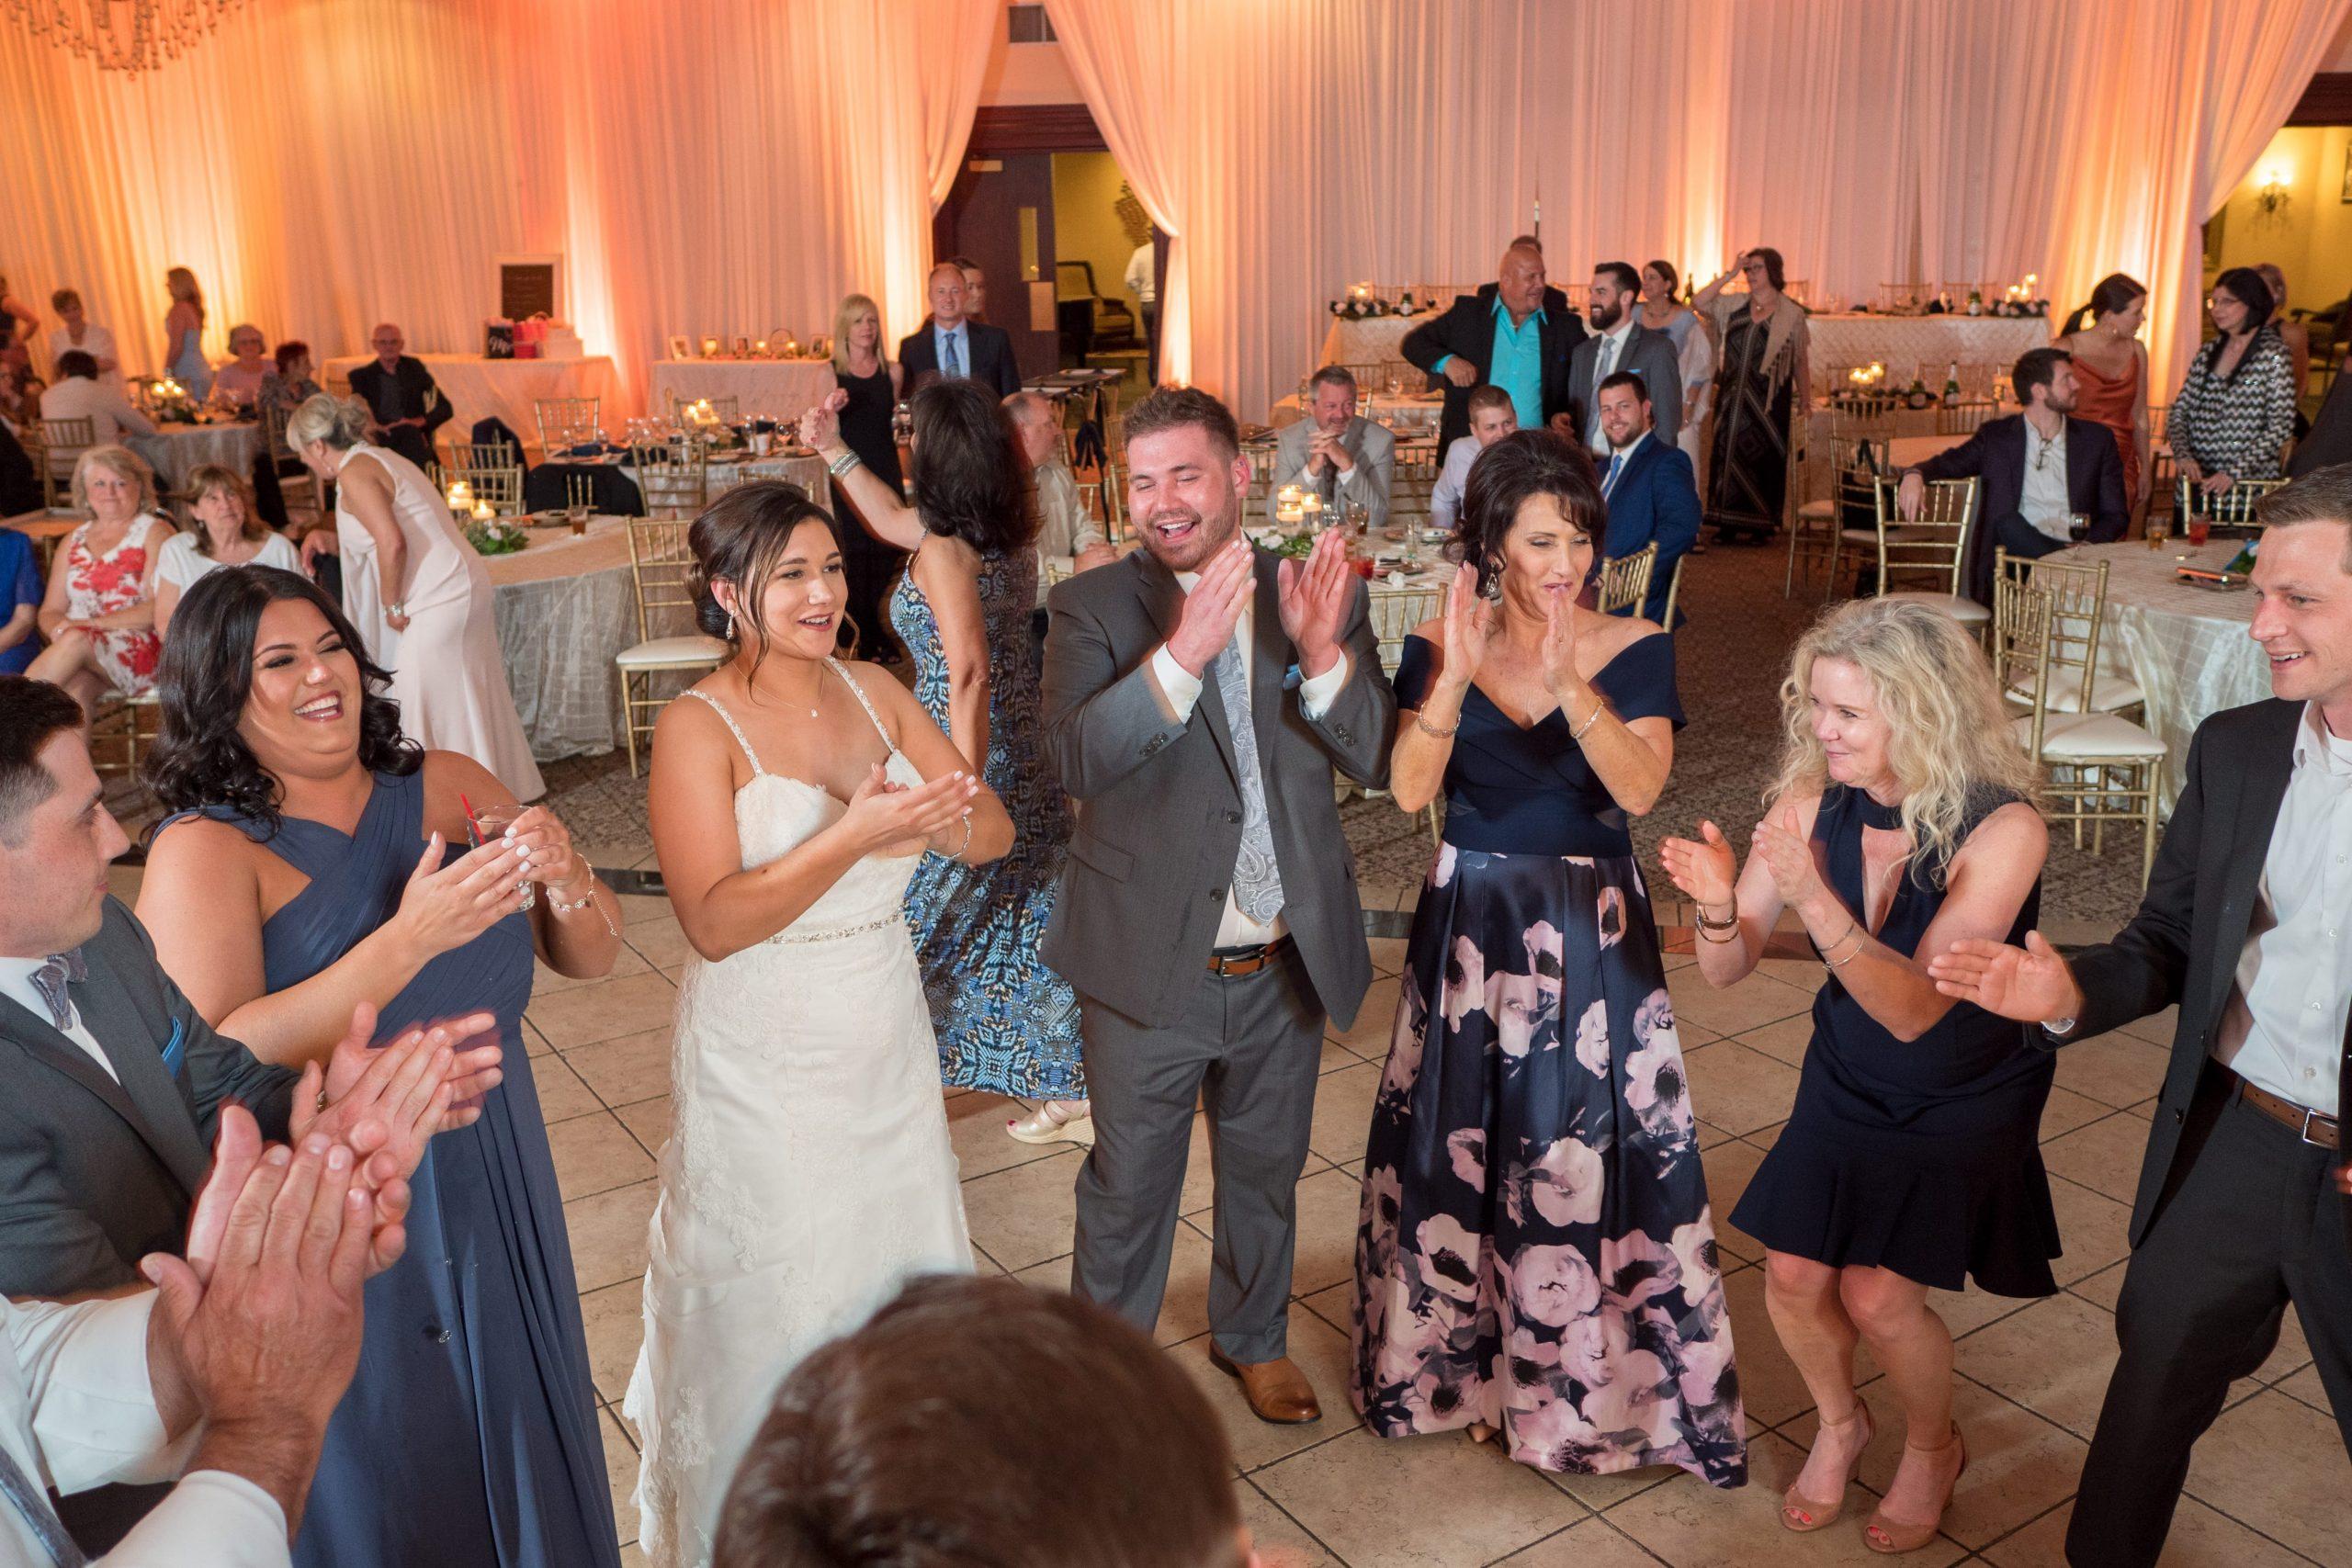 packed dance floor wedding dj